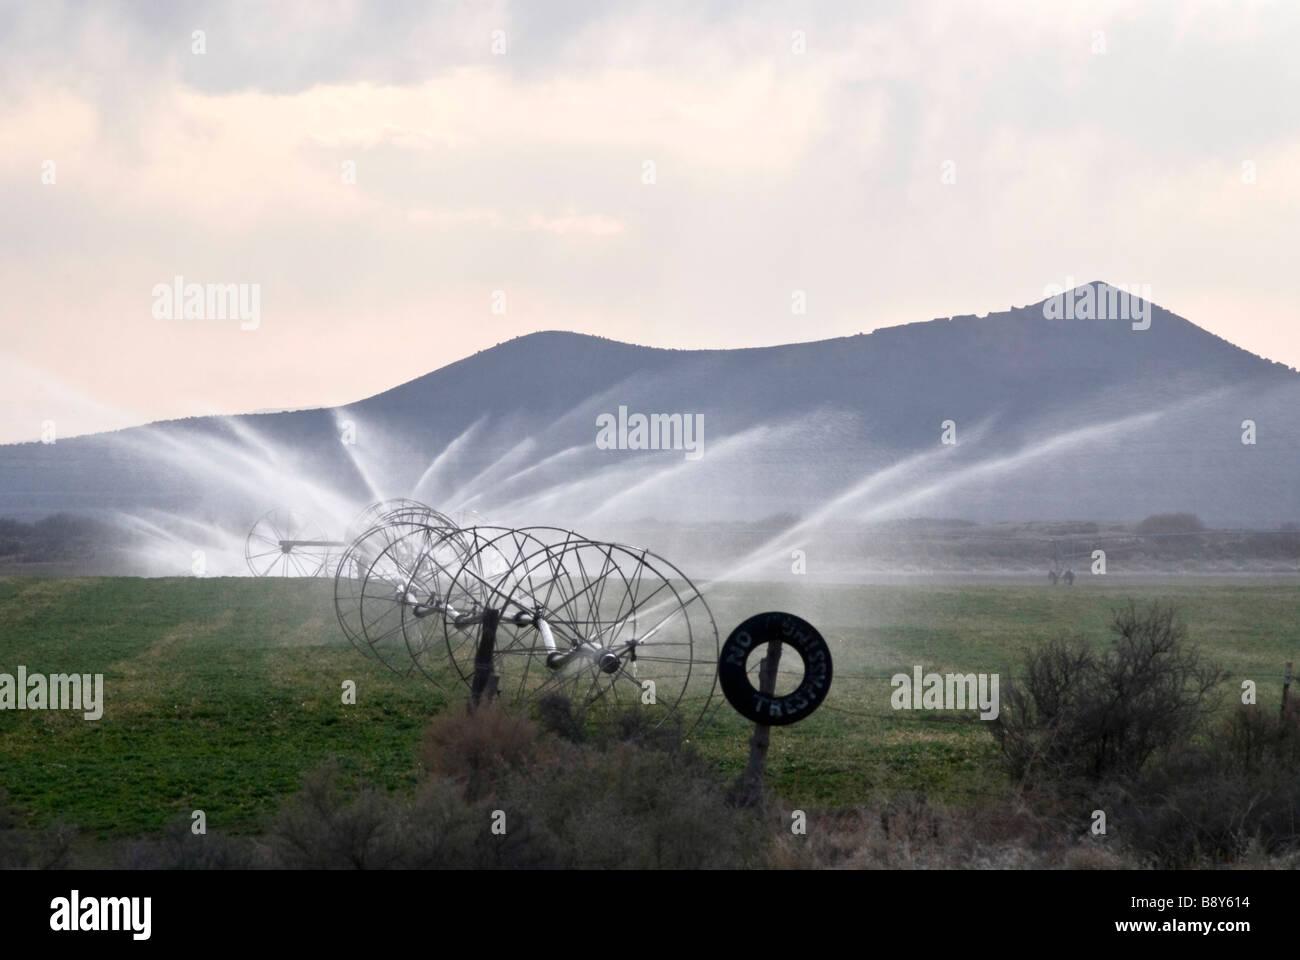 Agricola irrigazione sprinkler in un campo, Nevada, STATI UNITI D'AMERICA Immagini Stock